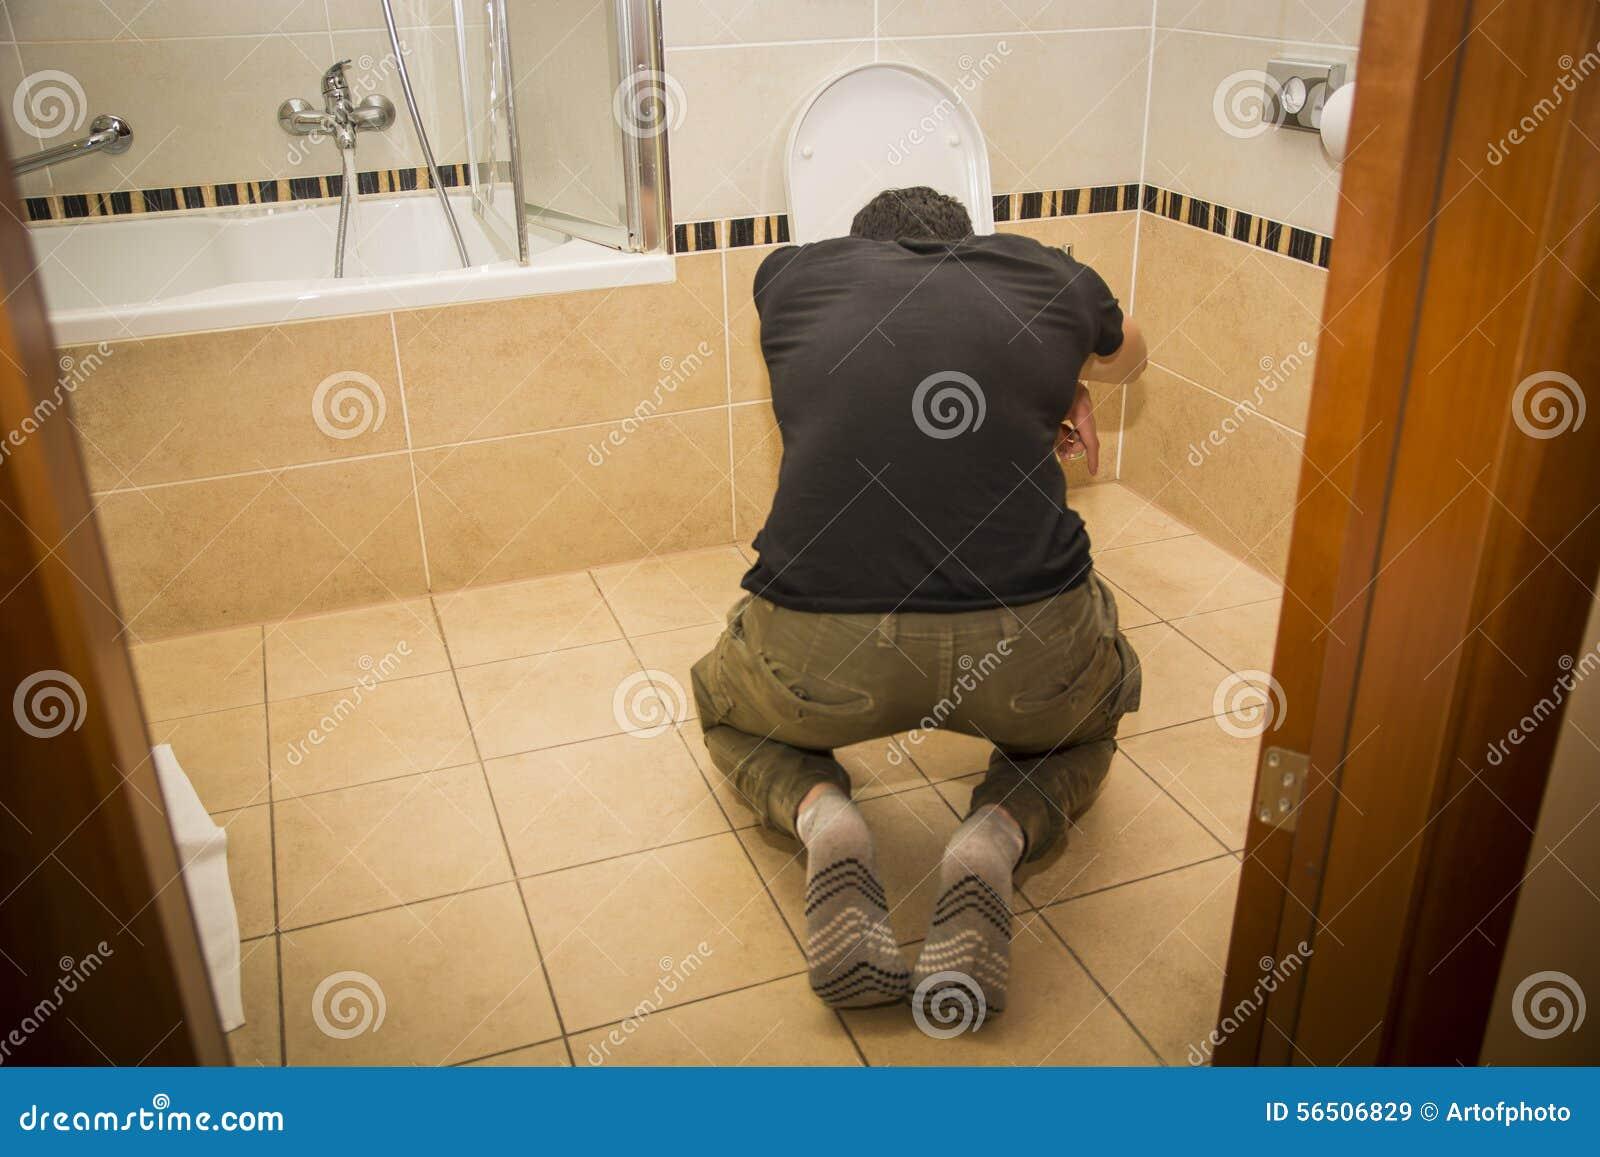 Jeune homme ivre vomissant dans la toilette à la maison